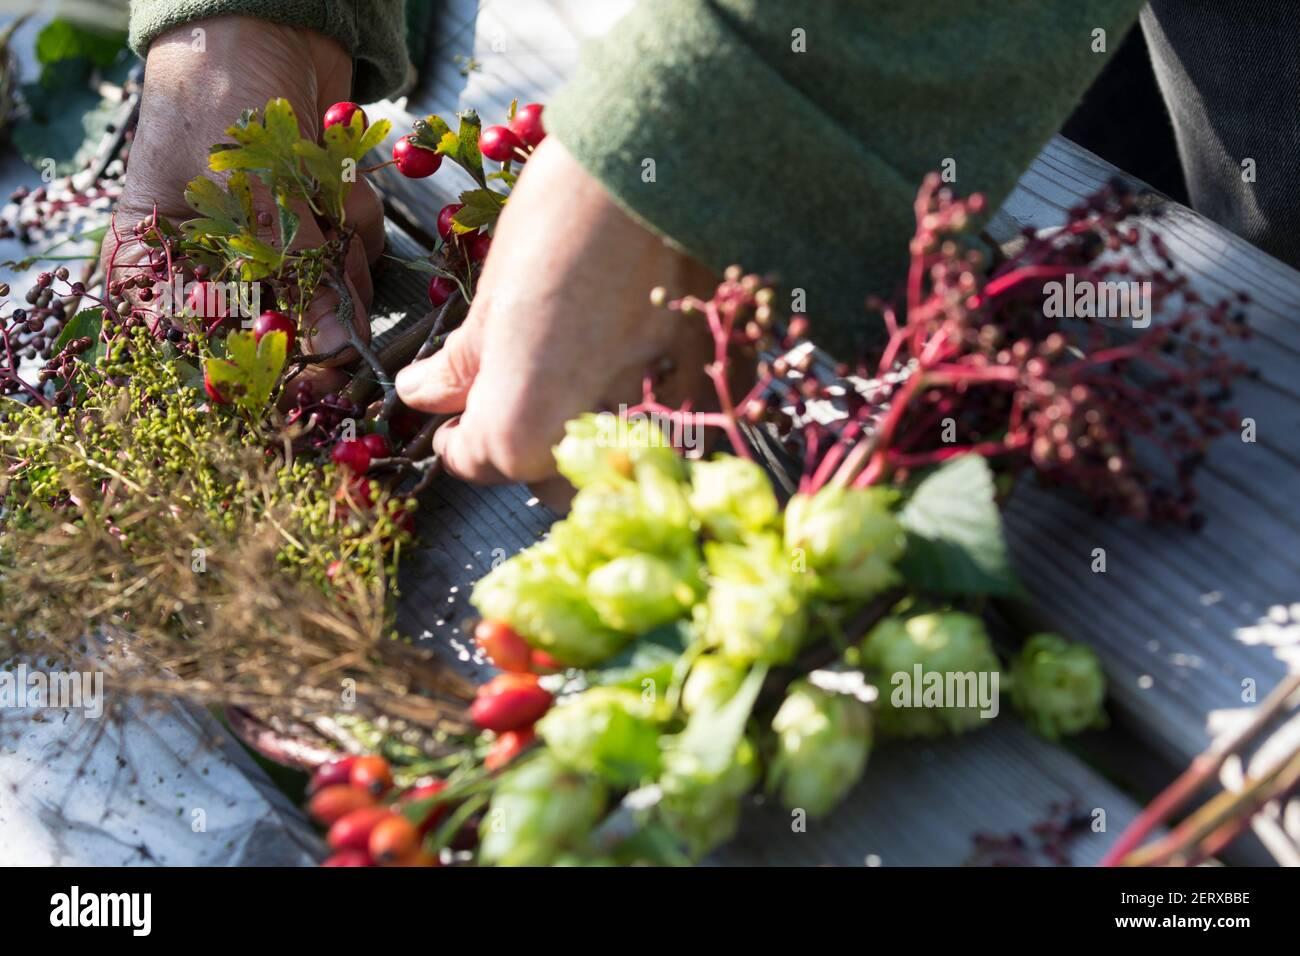 Herbstkranz, Herbst-Kranz, Reifekranz, herbstlich, Kranz, Erntedank, Erntedank-Kranz, Kranz aus Früchten, Samenständen, Ranken und dergleichen, bâtel Banque D'Images